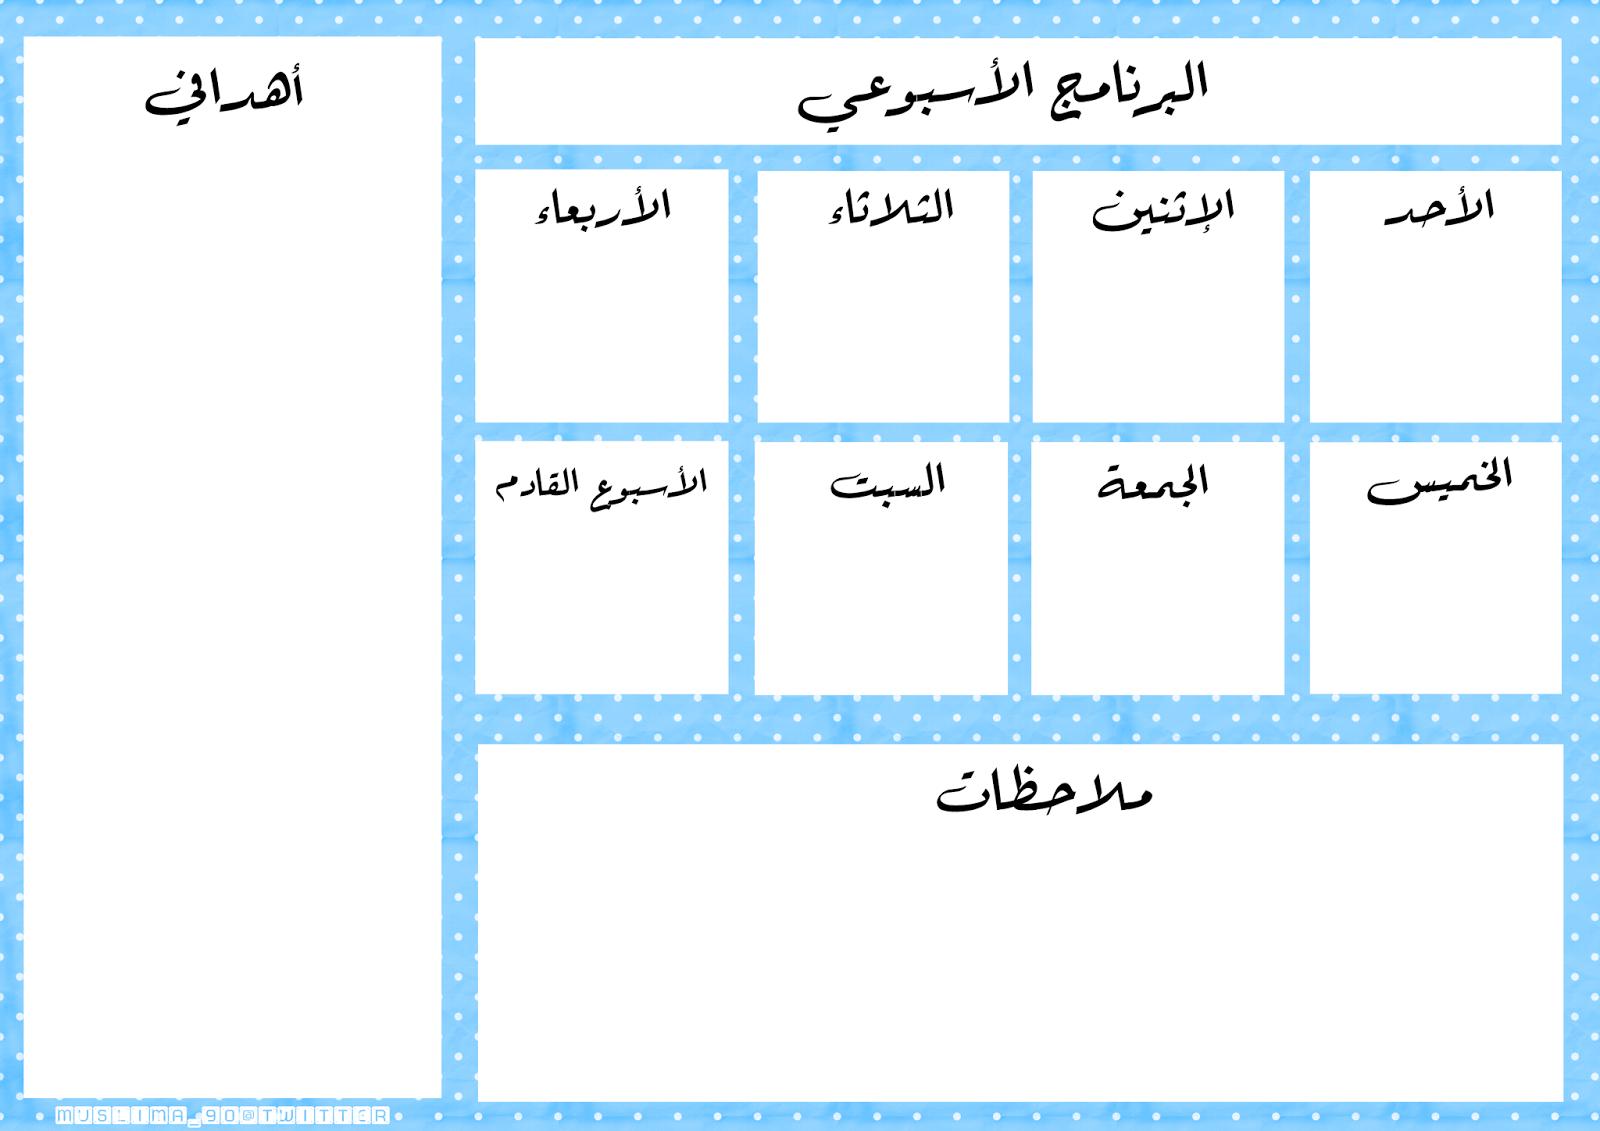 تنظيم جدول ايام الاسبوع